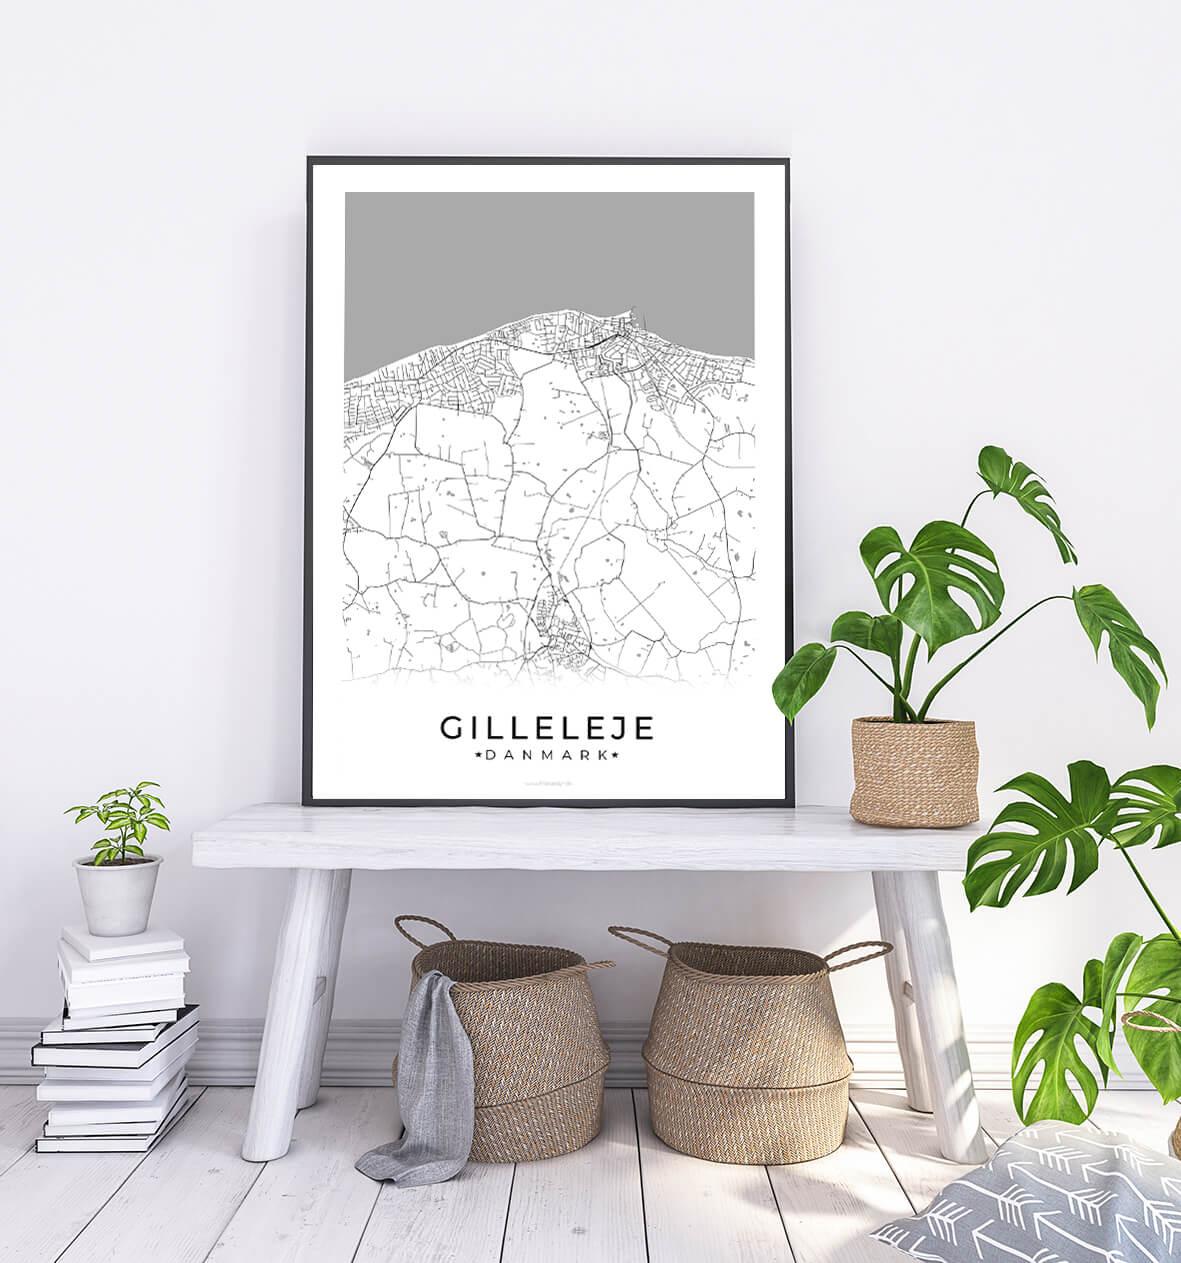 Gilleleje-hvid-byplakat-1